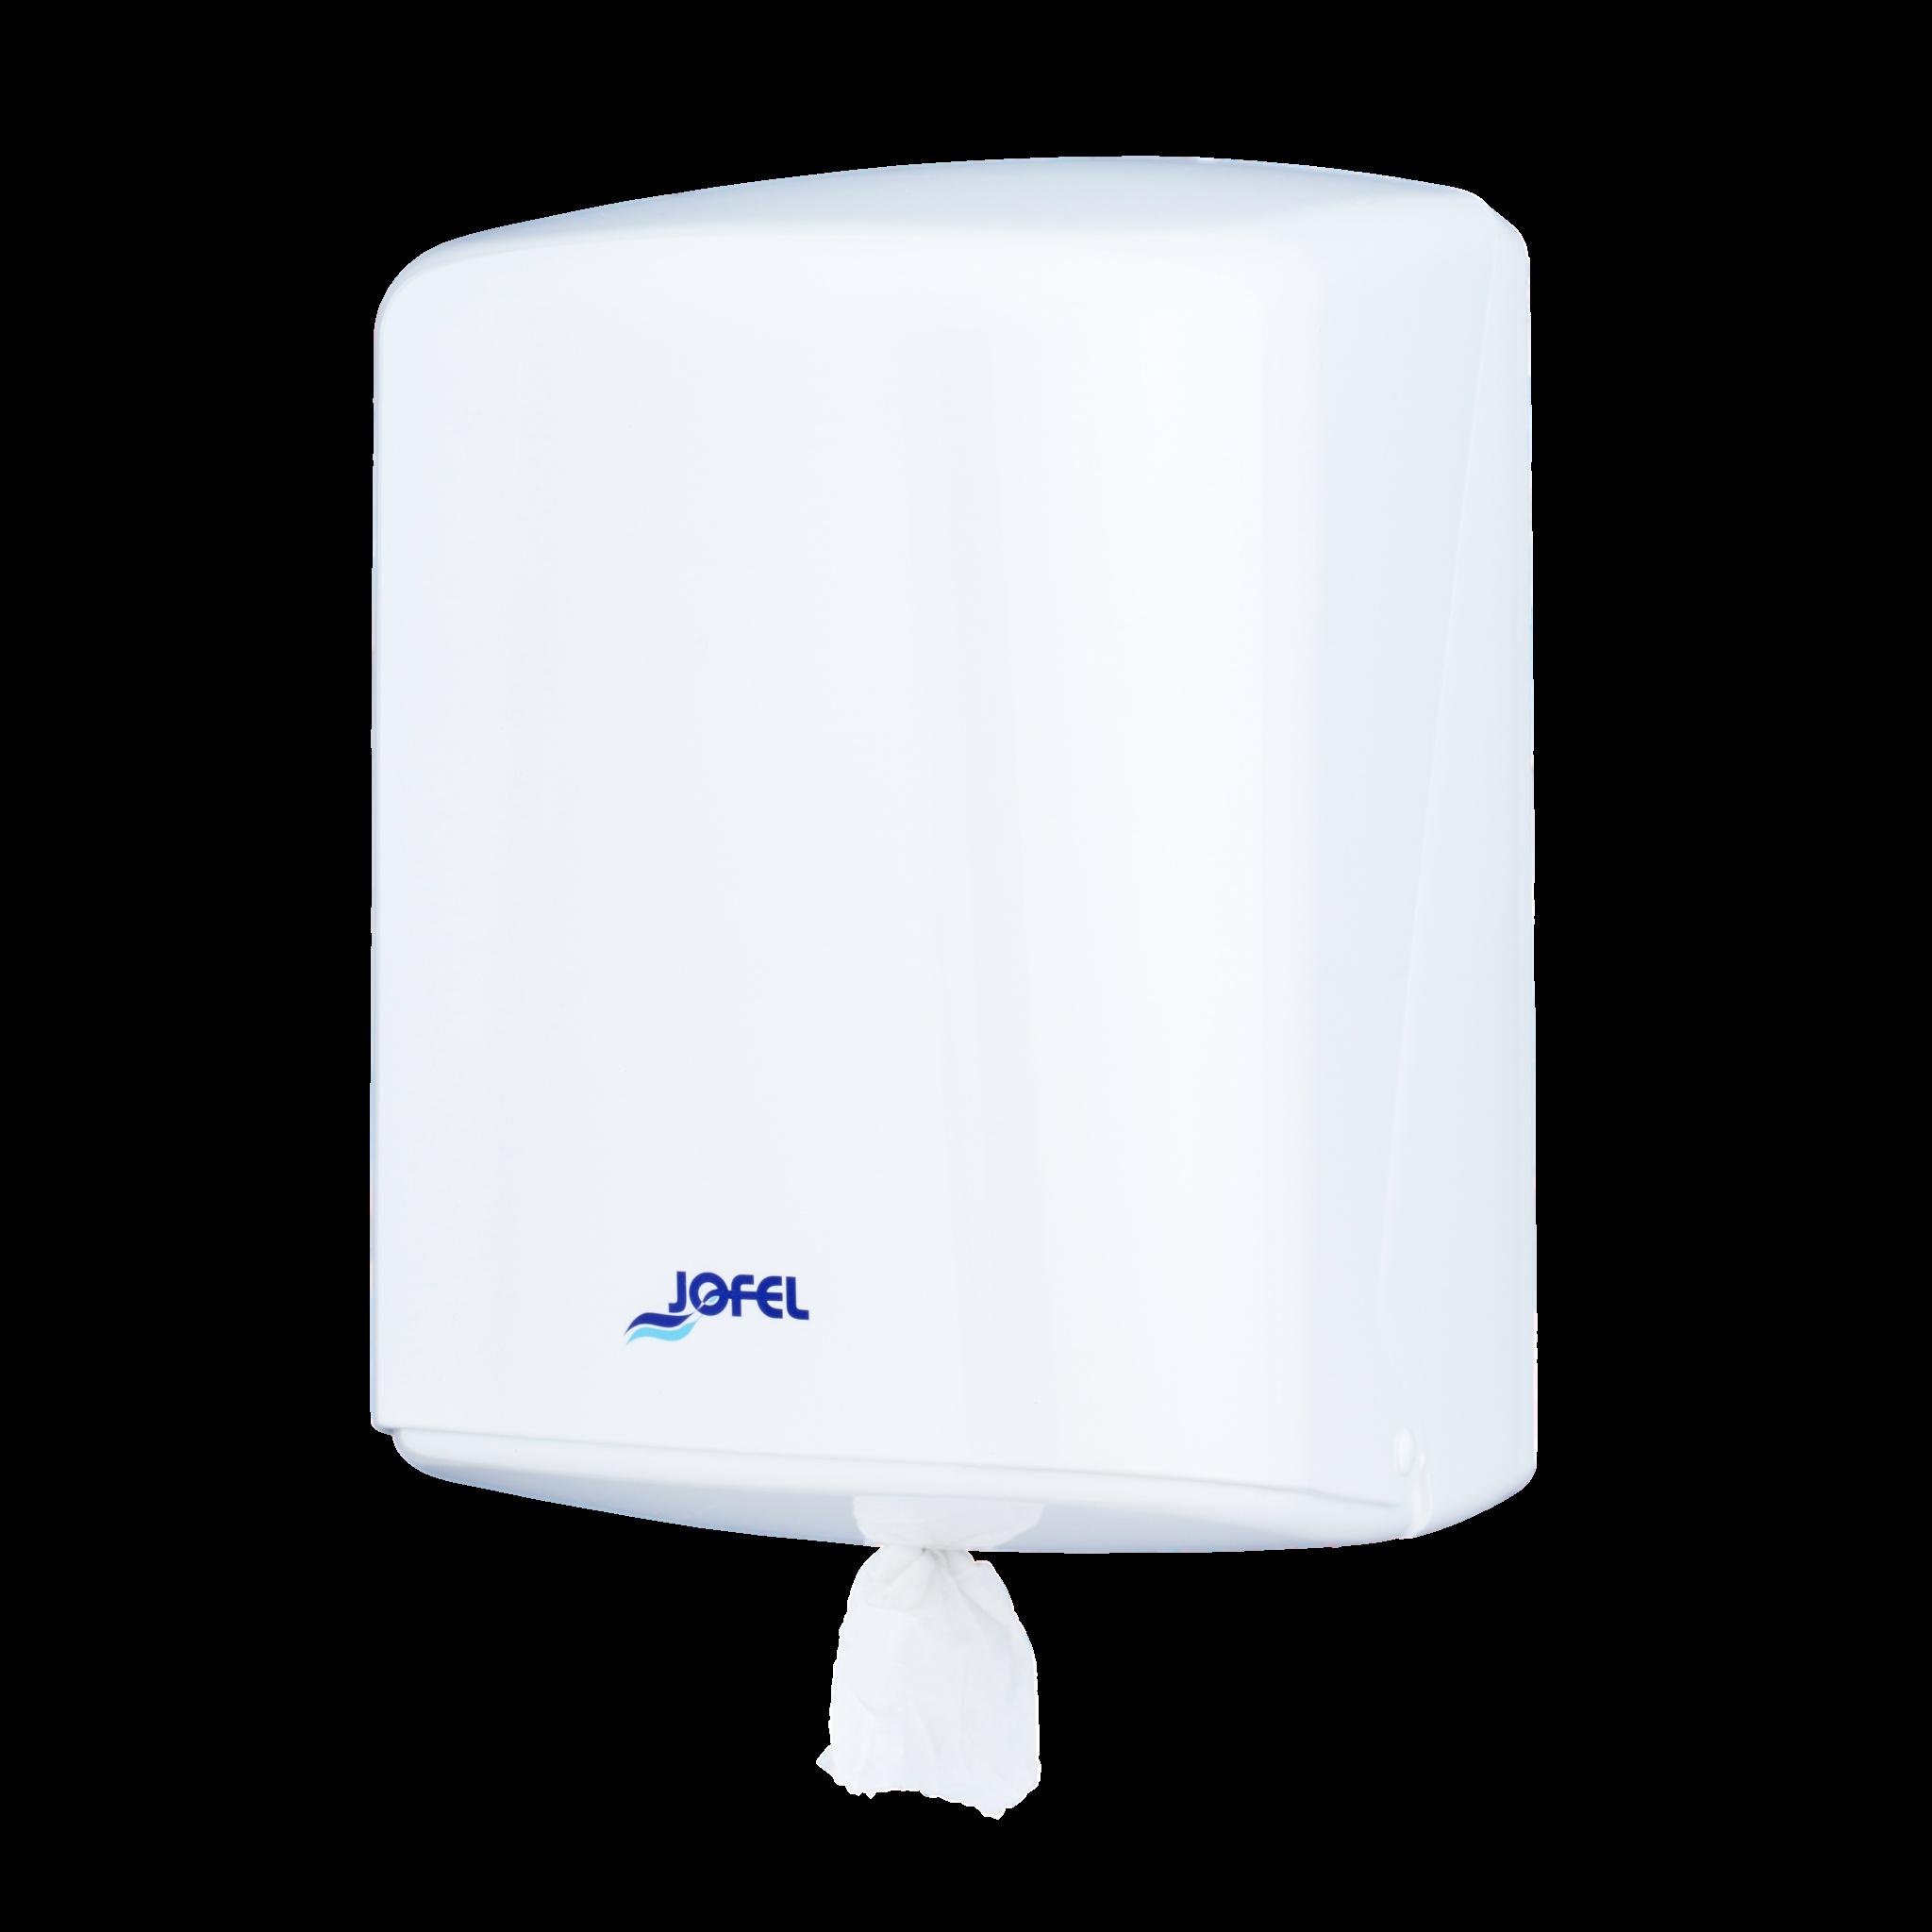 Jofel Azur kesktõmbega rullkätepaberi dosaator, valge, 34x23x24 cm